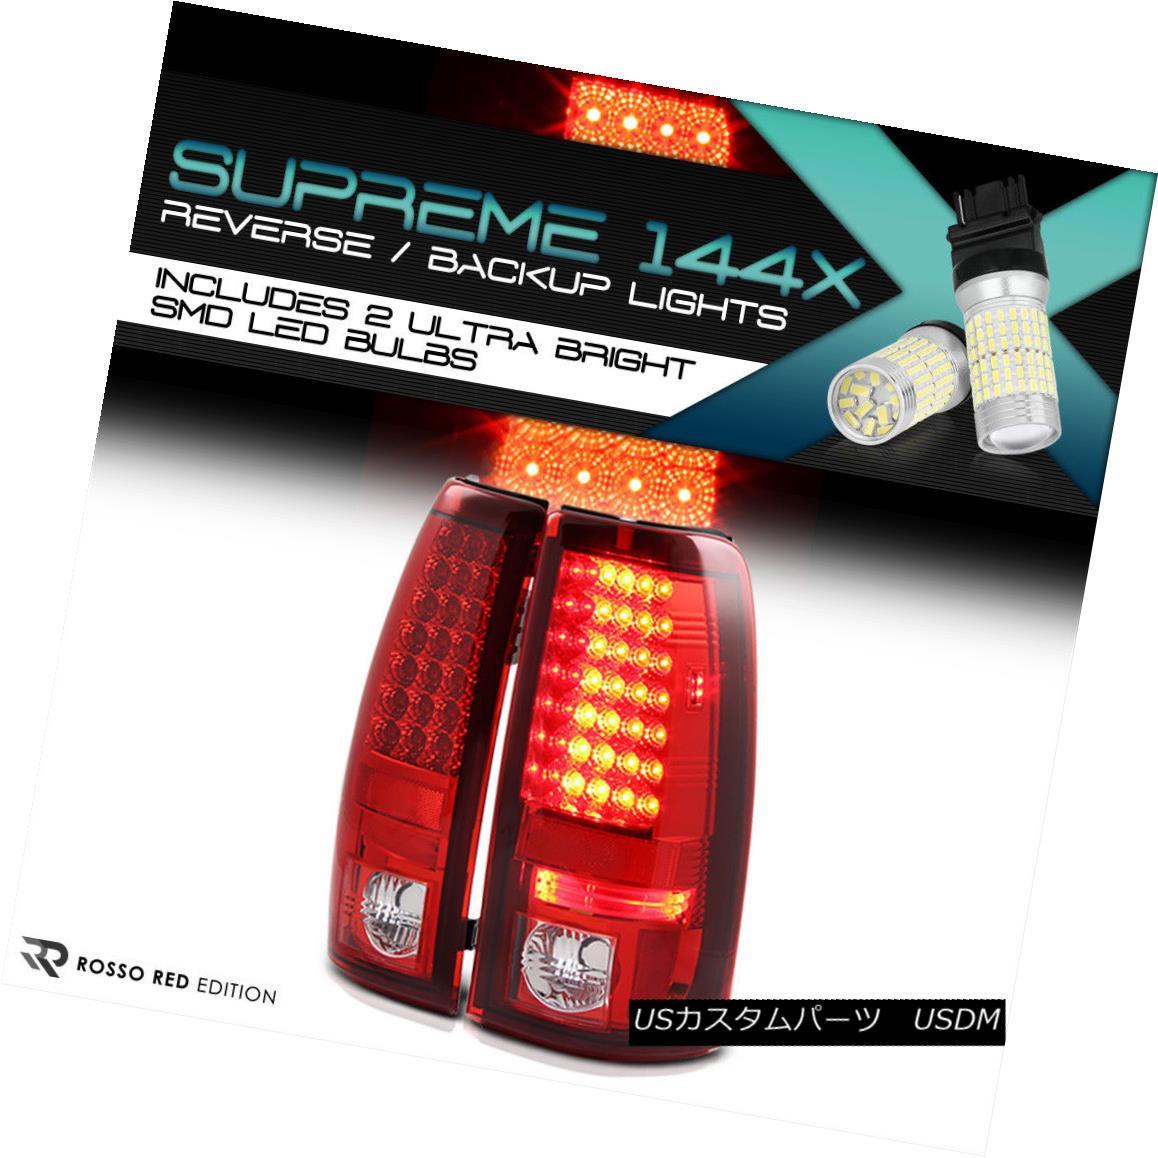 テールライト {FULL SMD REVERSE} 99-02 Chevy Silverado   1999-2006 GMC Sierra LED Tail Lights {フルSMDリバース} 99-02 Chevy Silverado   1999-2006 GMC Sierra LEDテールライト